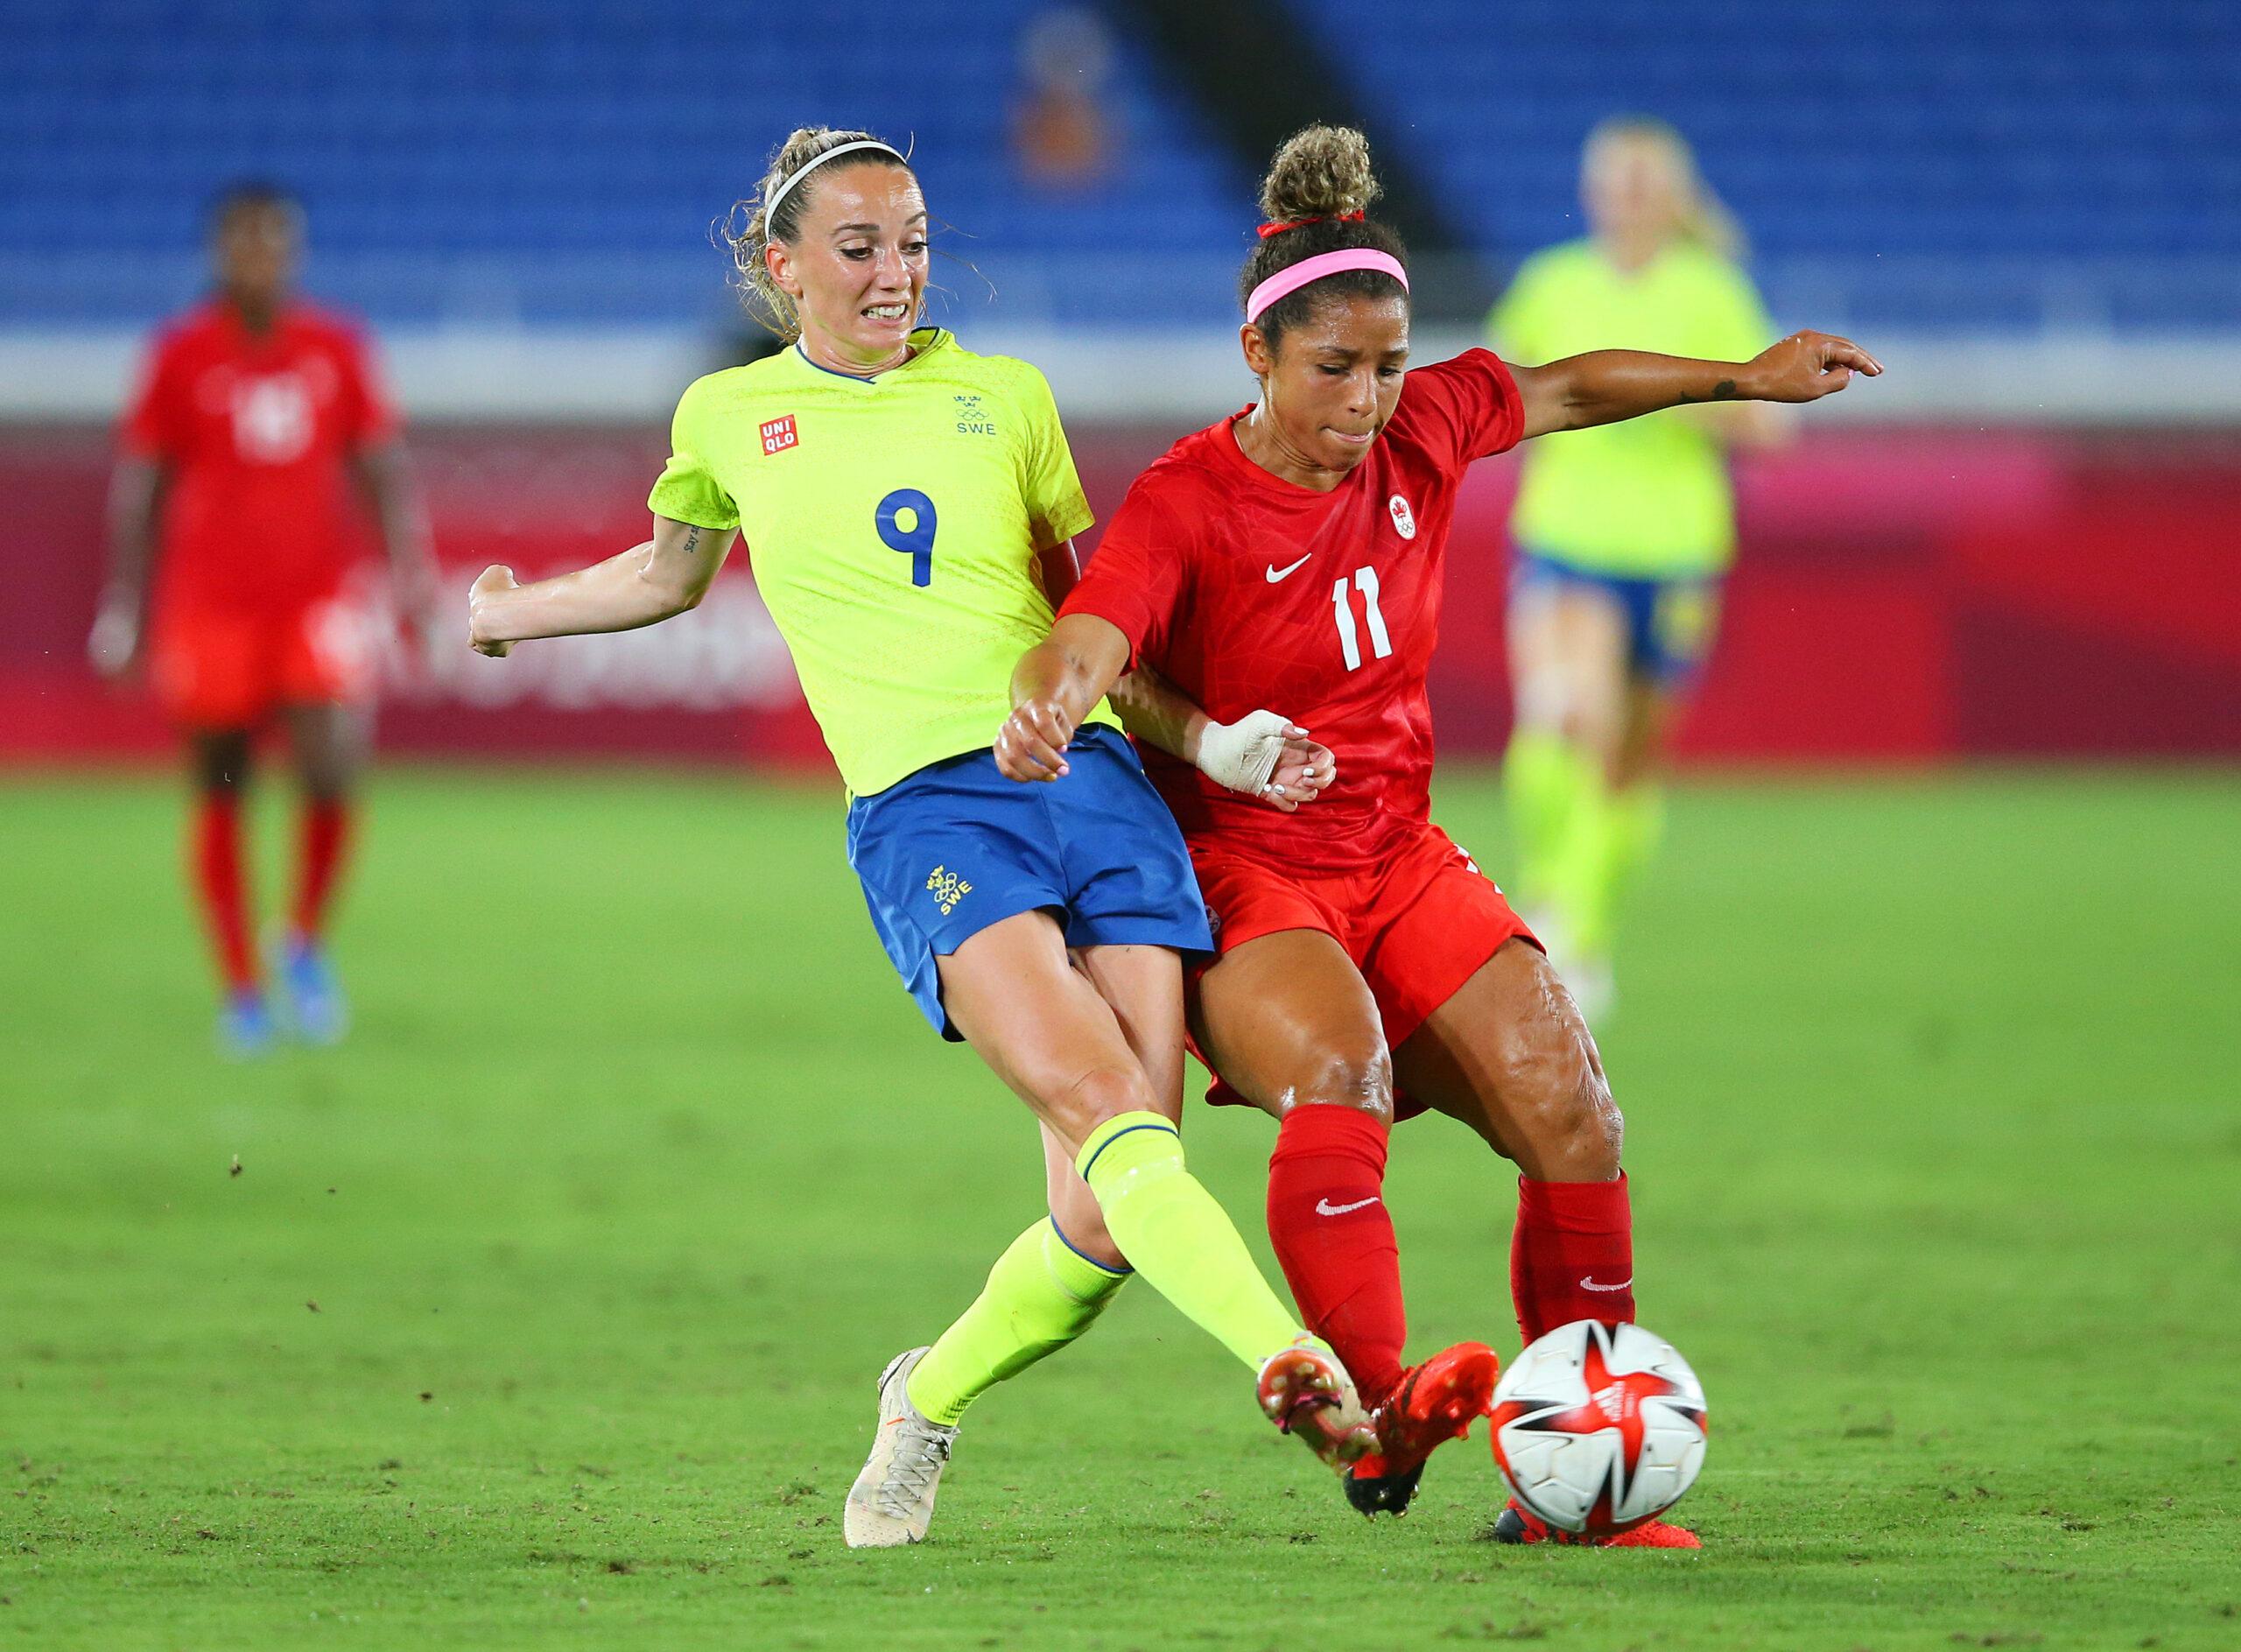 Juegos Olímpicos - Fútbol Femenino -Suecia Canadá